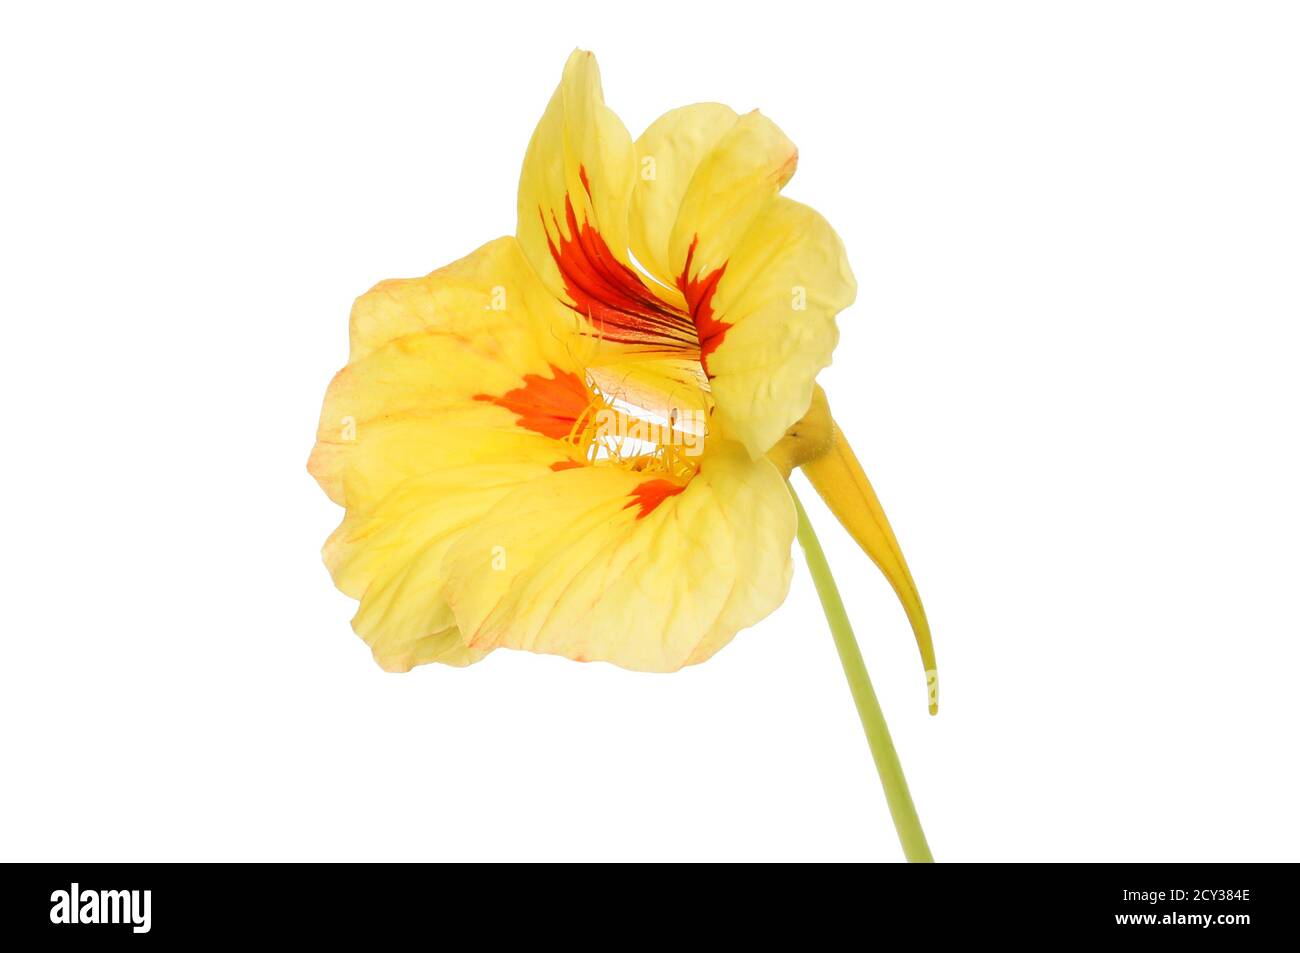 Fleur de nasturtium jaune et rouge isolée contre le blanc Banque D'Images